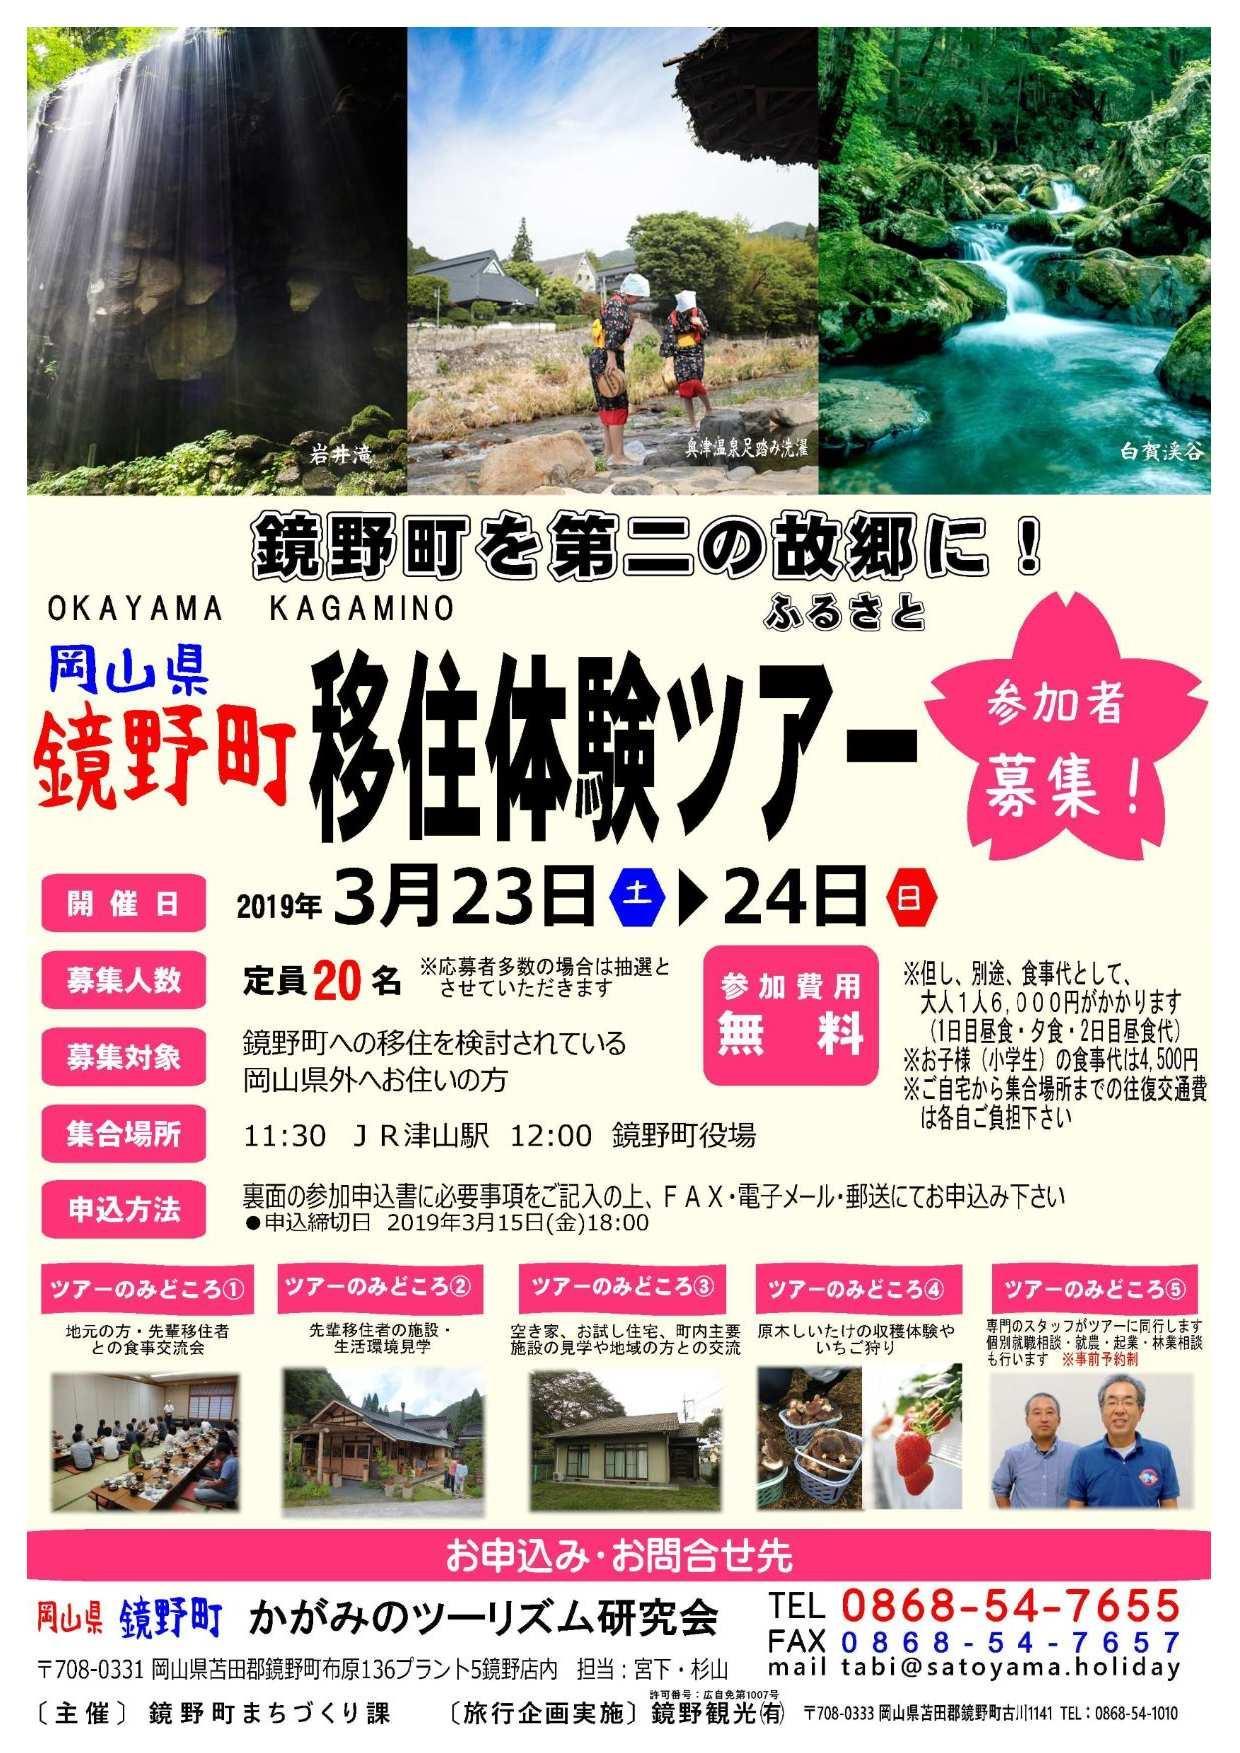 平成31年3月23日(土)・24日(日)開催 鏡野町移住体験ツアー 参加者募集!!